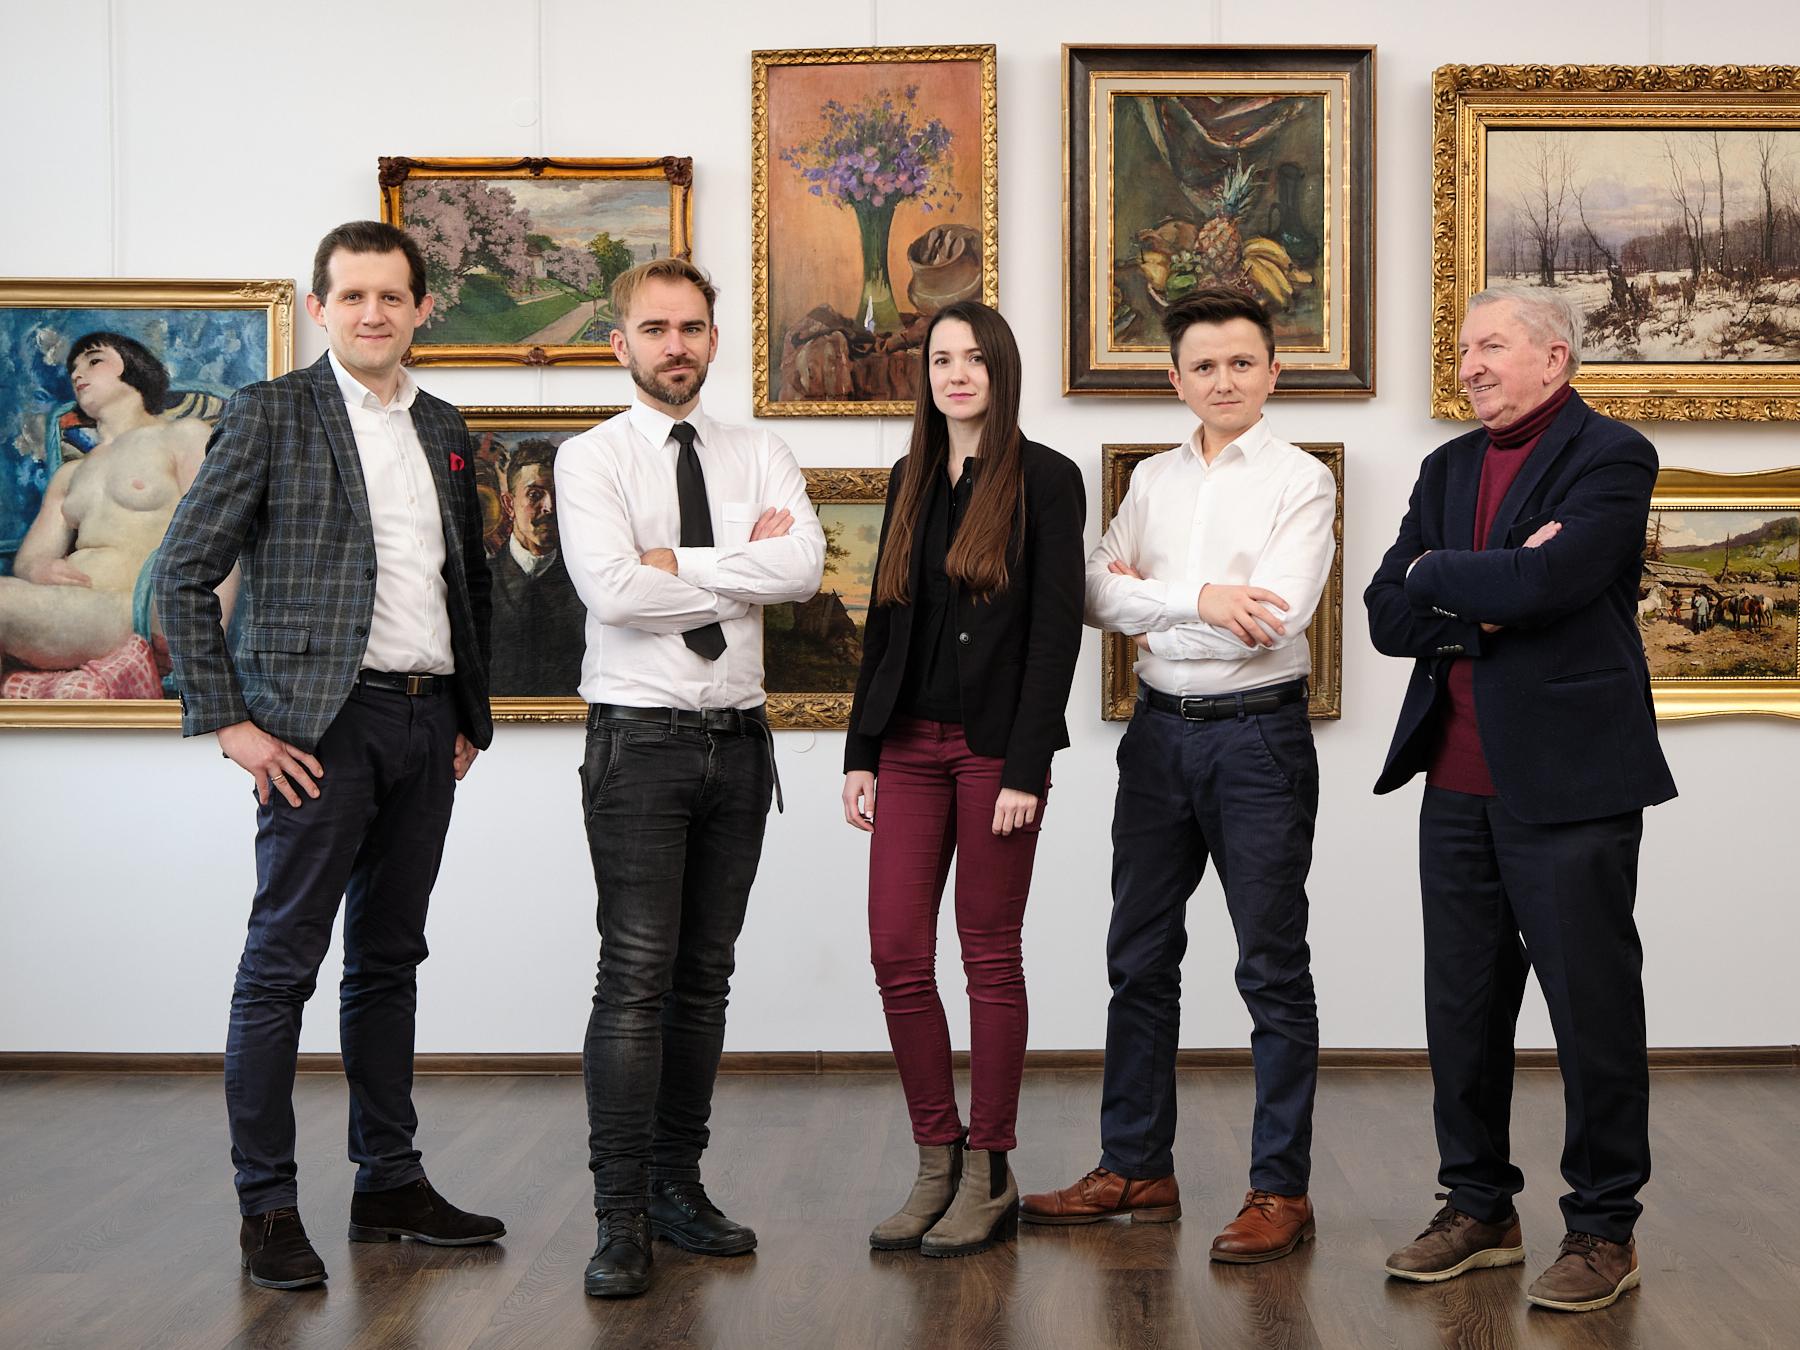 Zespół Salonu Connaisseur (od lewej): Maciej Jakubowski, Mateusz Szczypiński, Karolina Bańkowska, Mirosław Żak, Konstanty Węgrzyn.